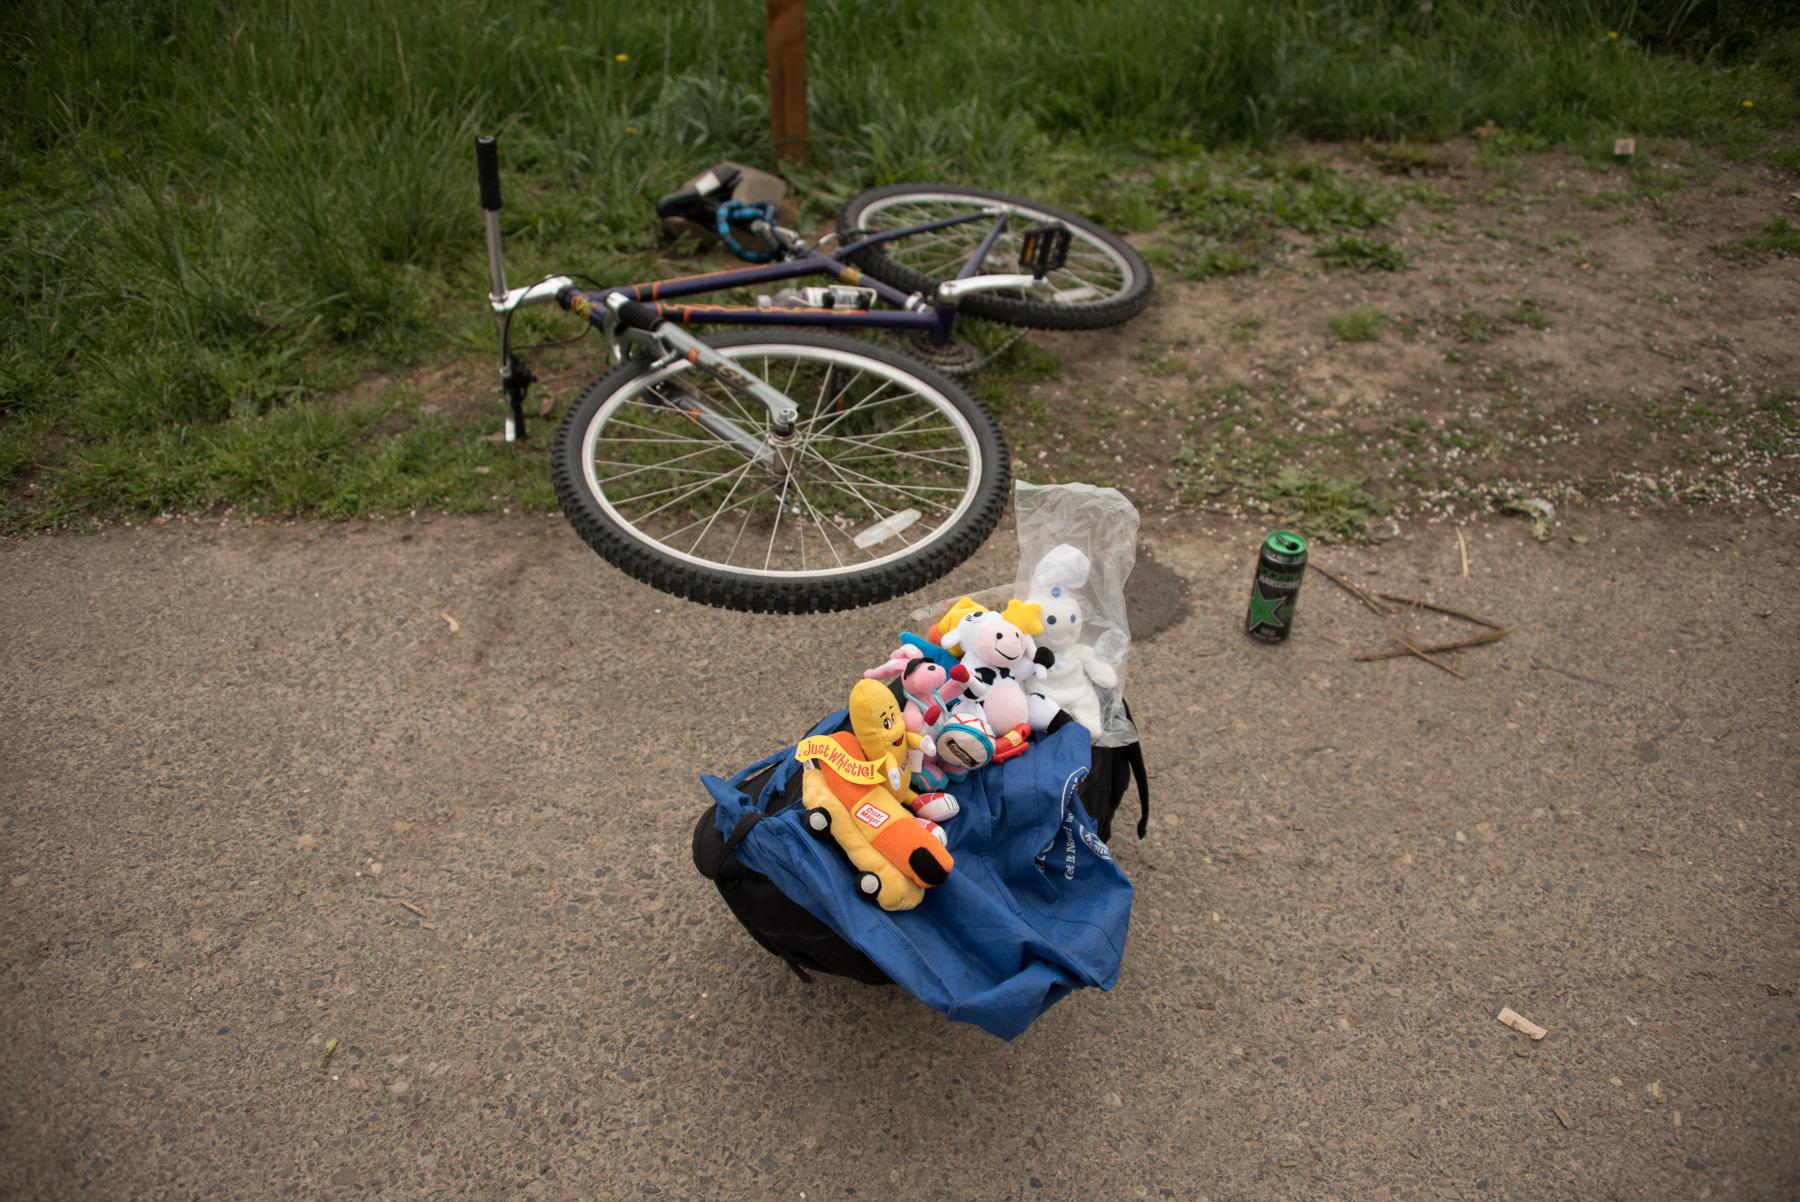 Liz_Obert_Urban campers_favorite things-5.jpg